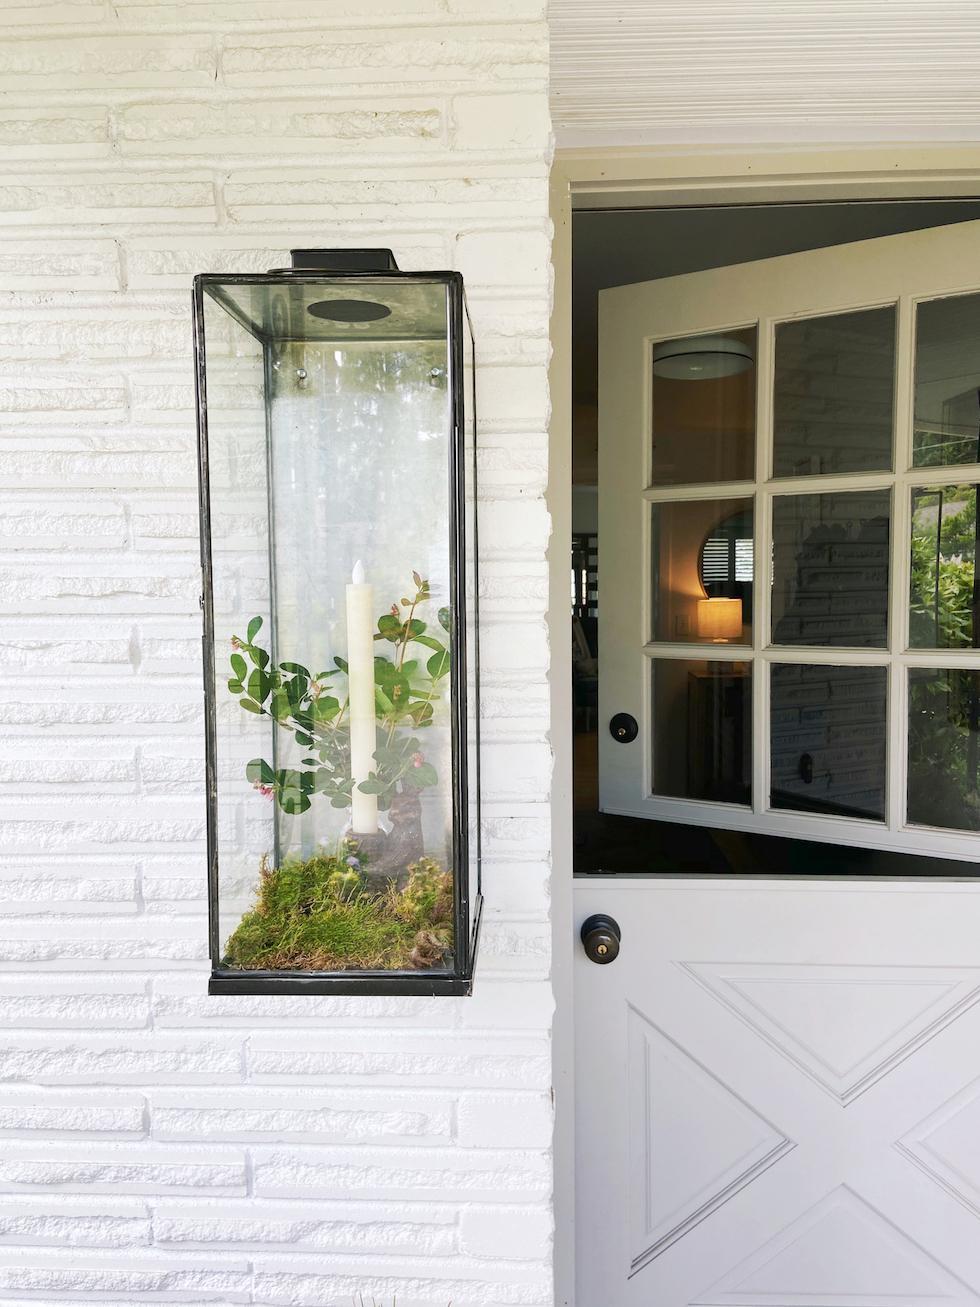 فانوس الحائط الخارجي الجديد الخاص بي + أفكار التصميم